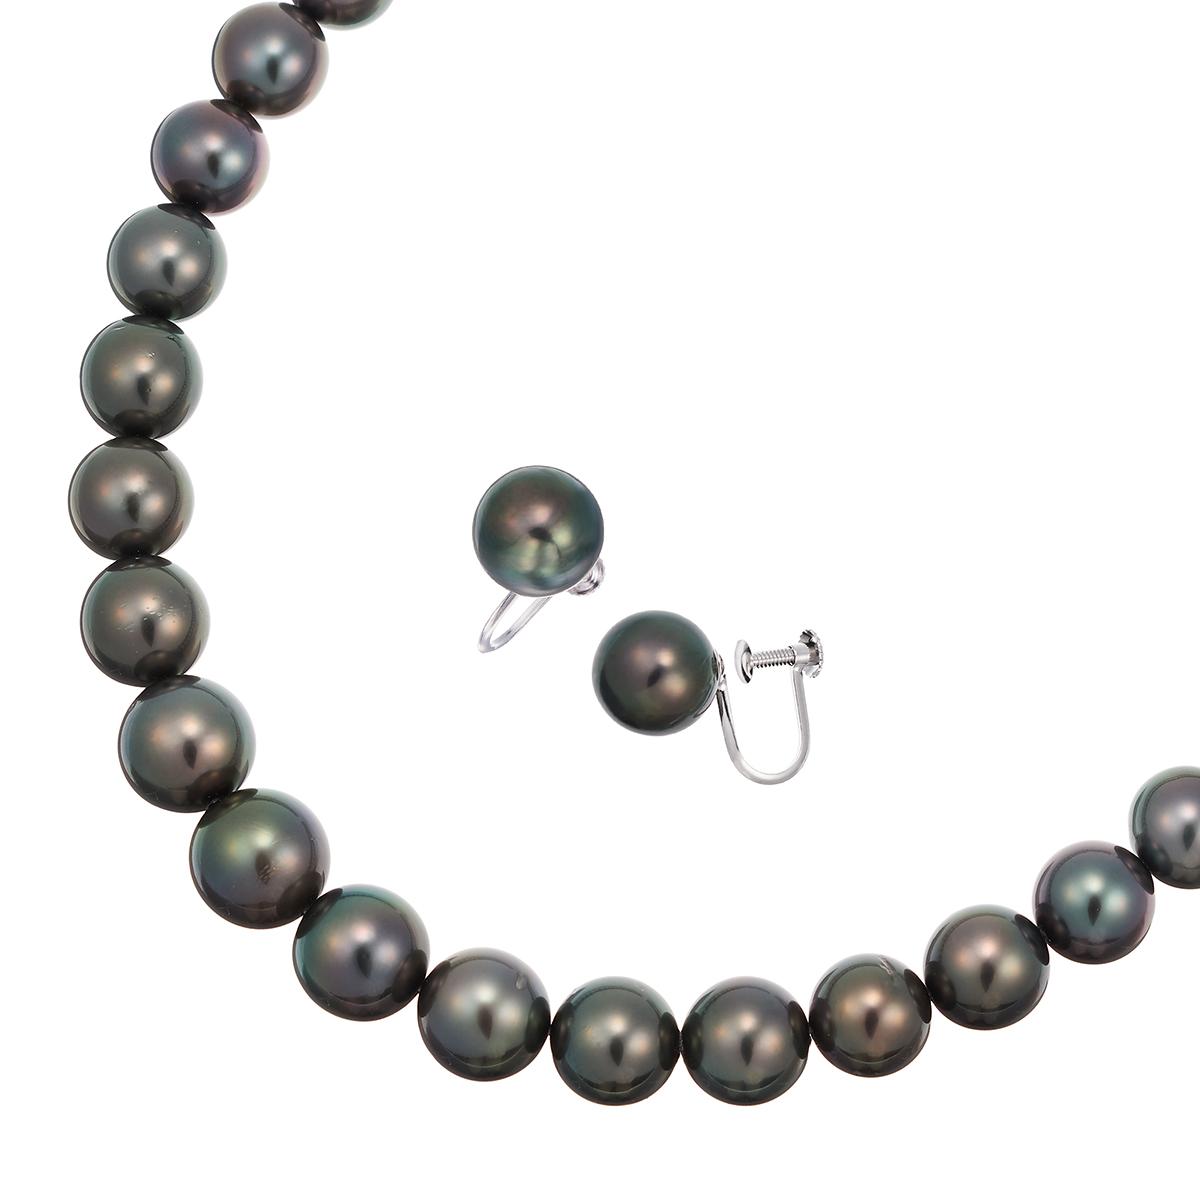 ポイント10倍キャンペーン ~9/14(月)9:59まで南洋黒真珠ネックレス・イヤリングセット(7.5~8mm)